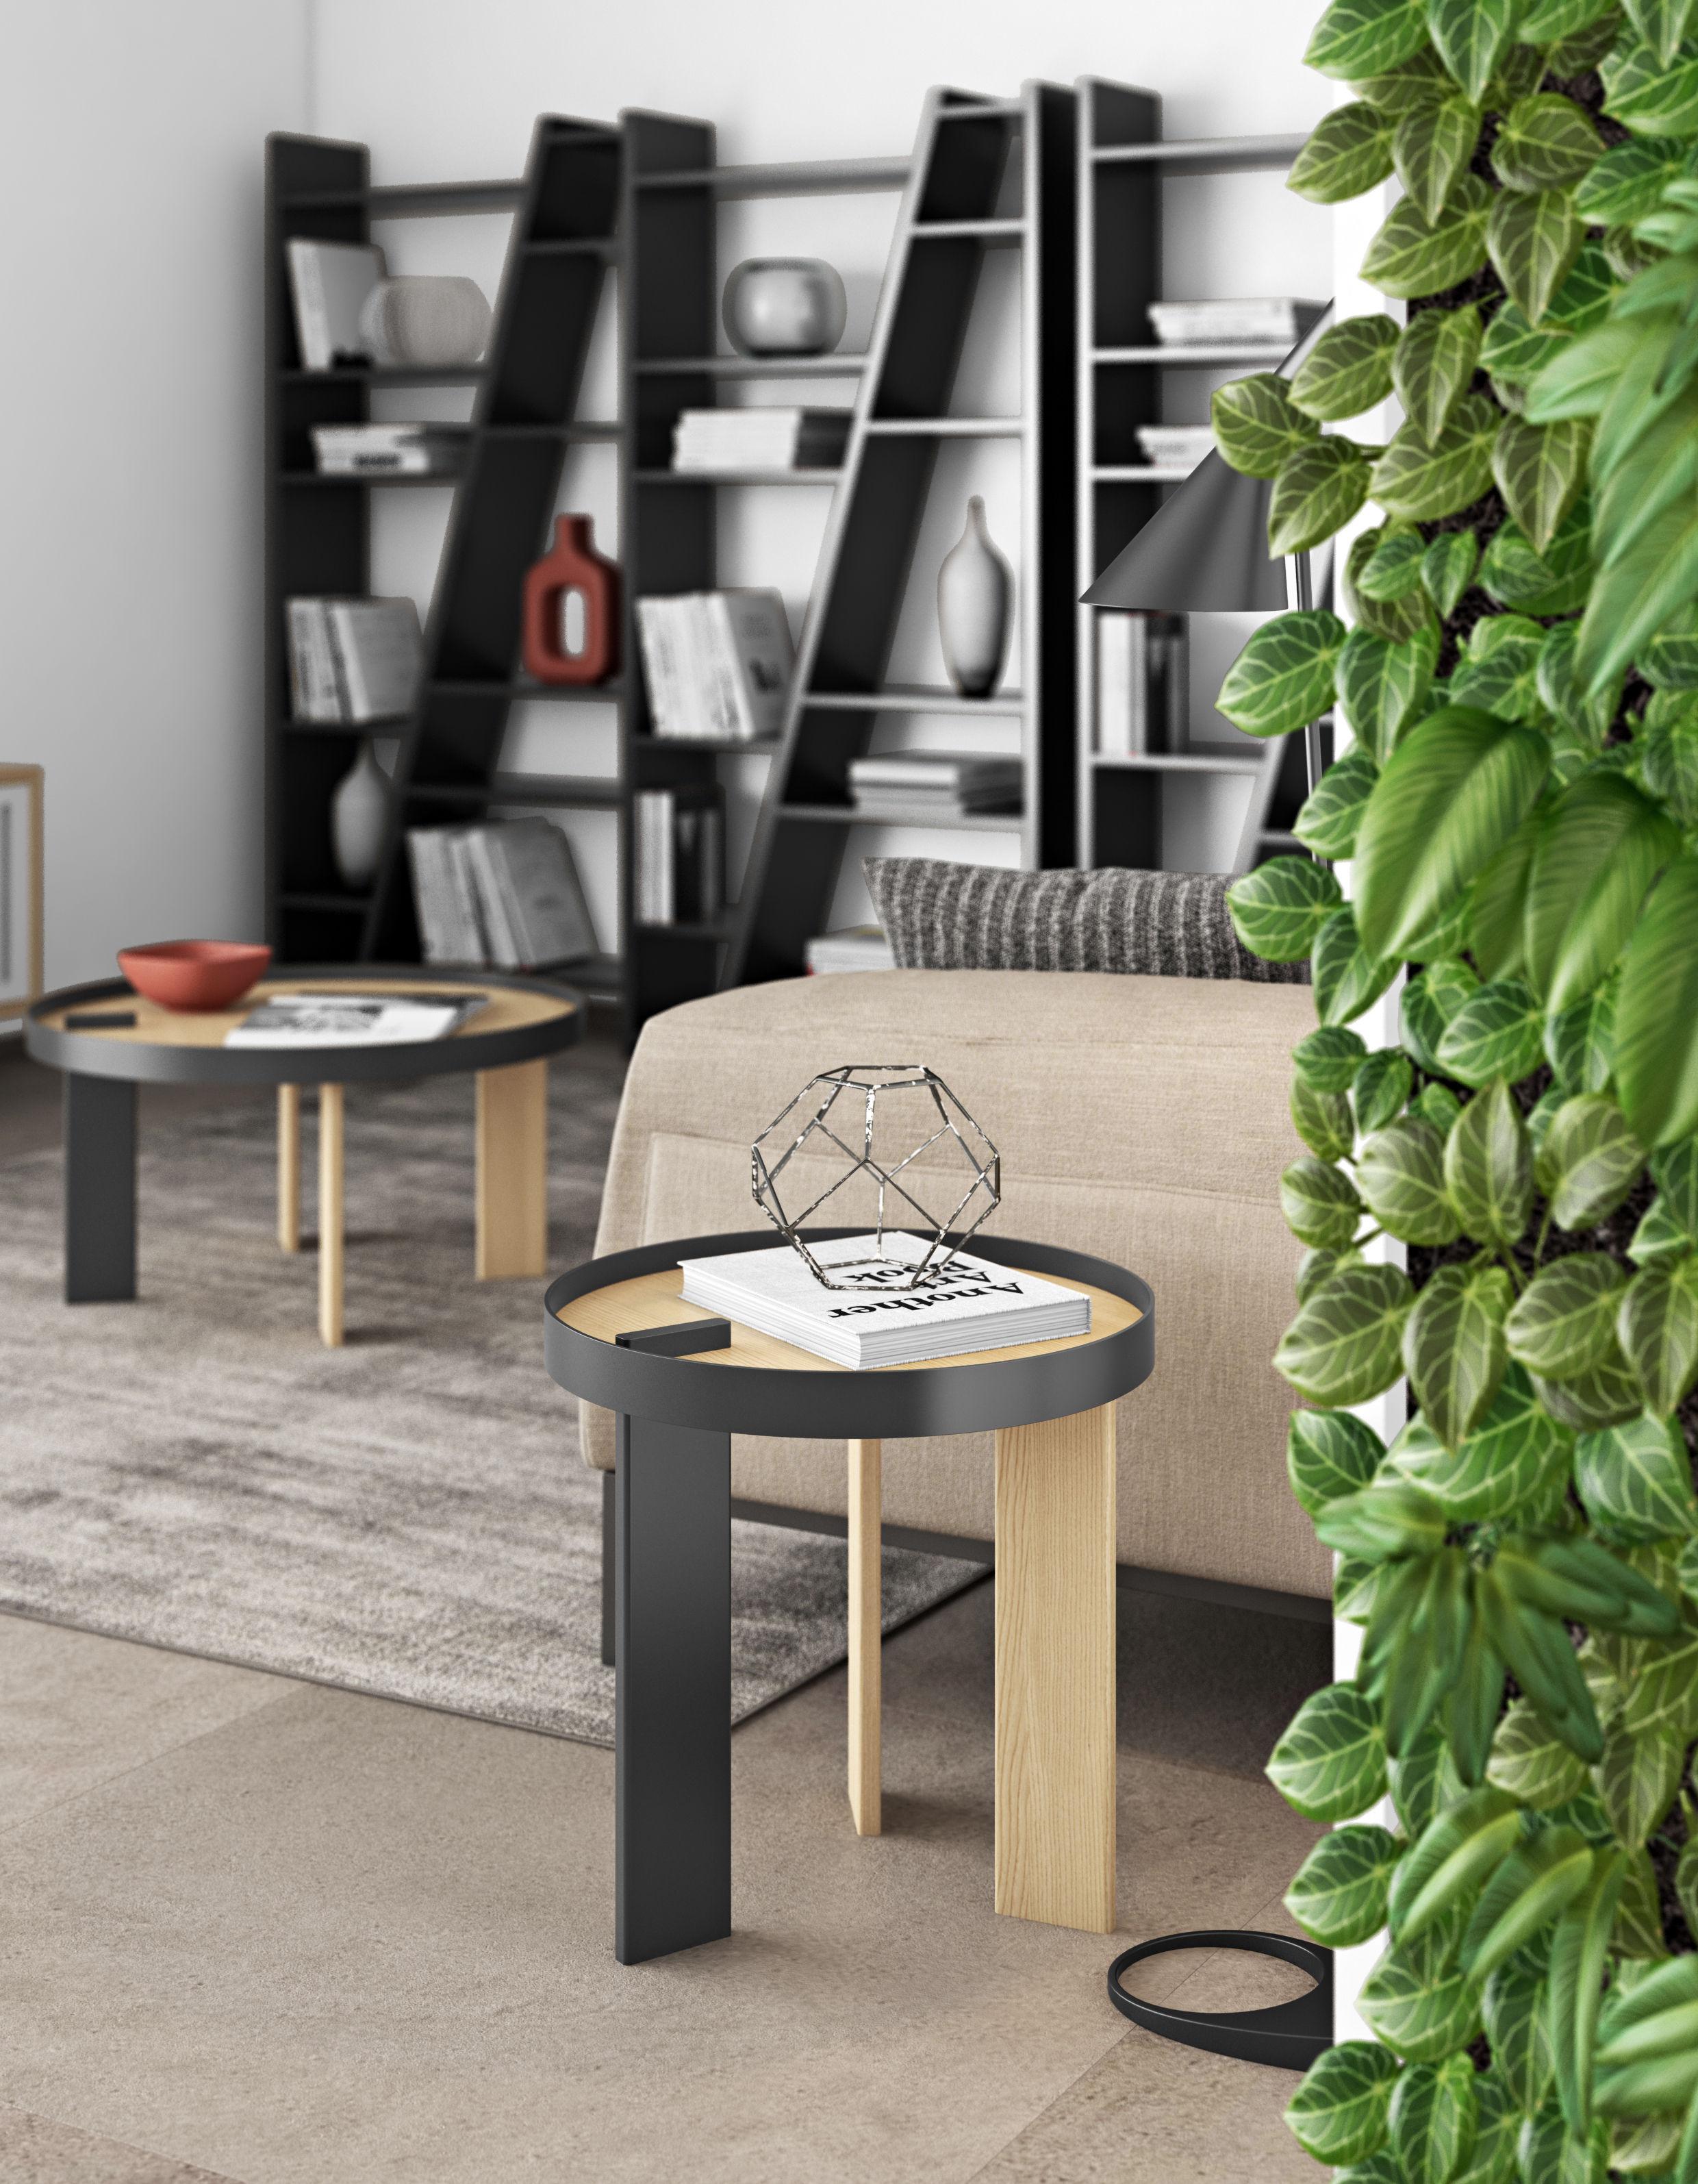 table d 39 appoint tokyo bois m tal 50 x h 50 cm ch ne noir pop up home. Black Bedroom Furniture Sets. Home Design Ideas